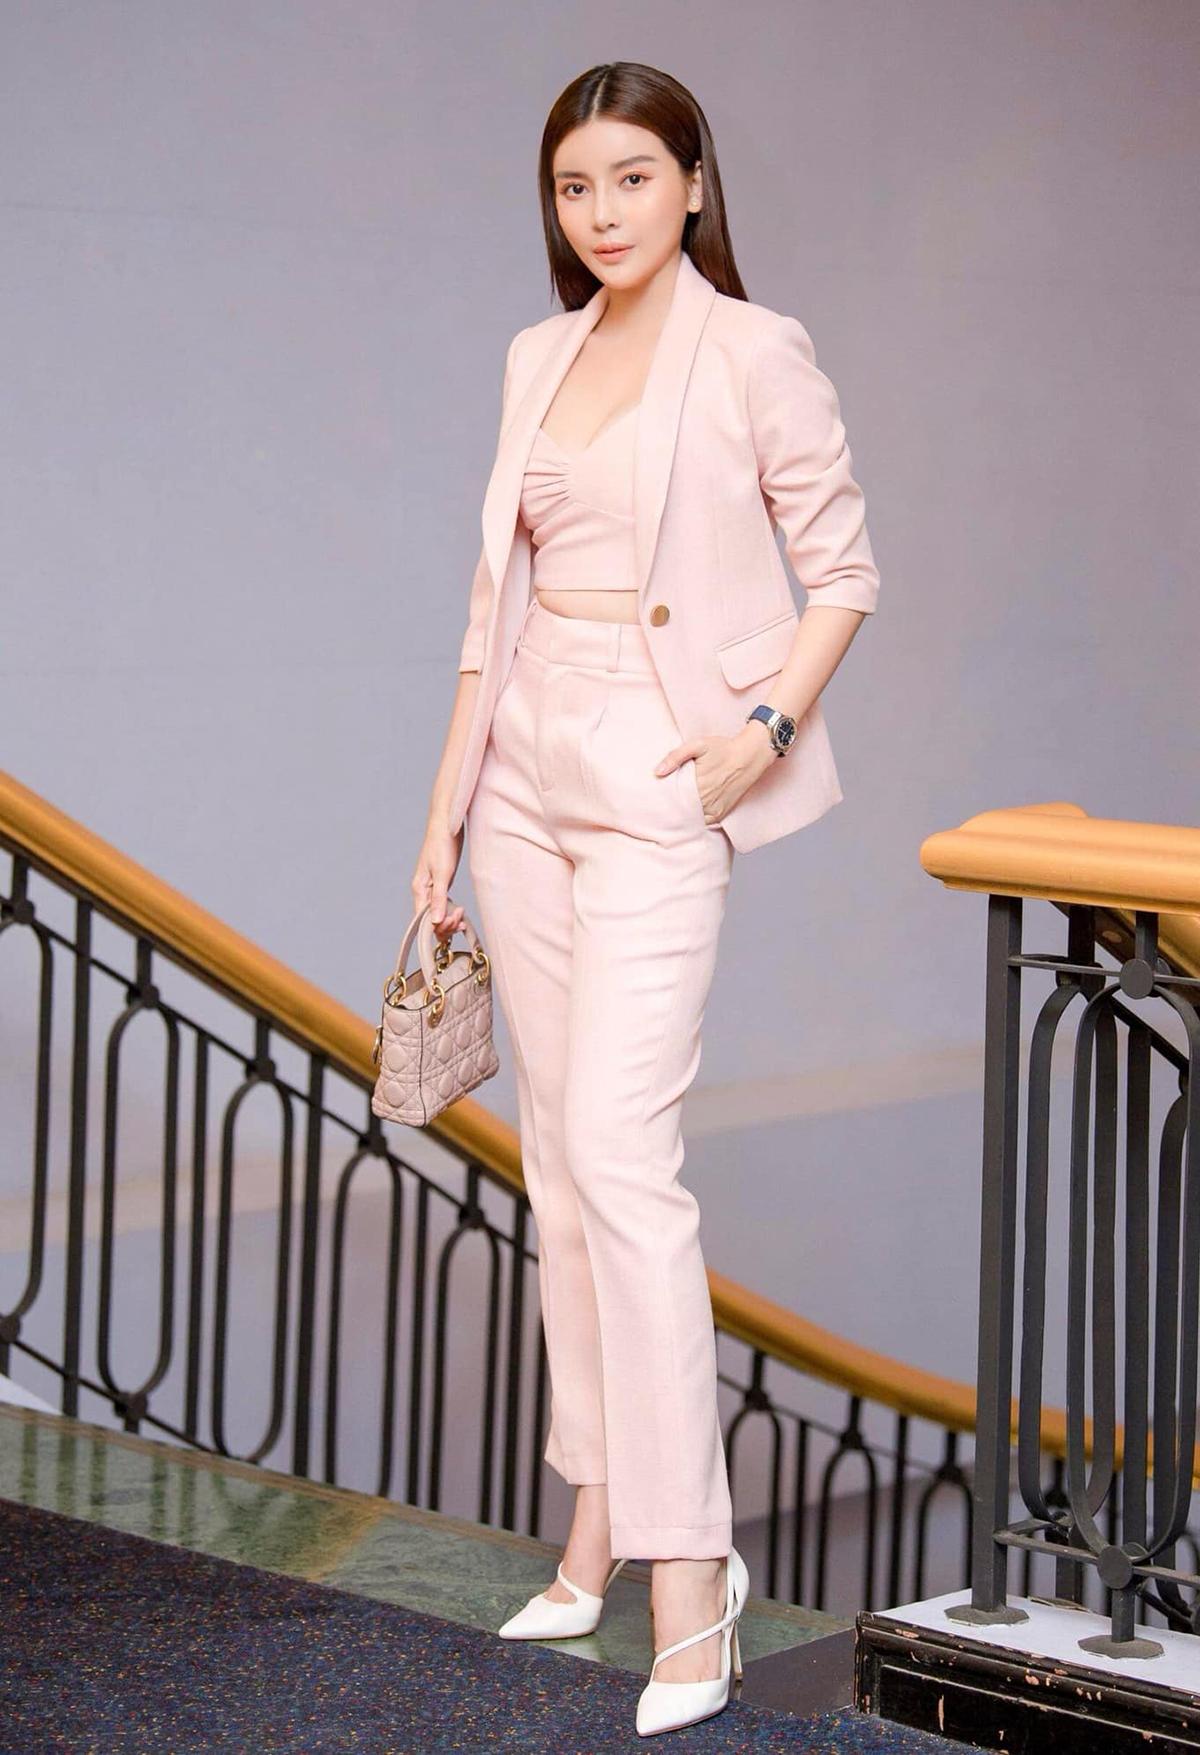 Nữ diễn viên không chuộng váy áo cầu kỳ mà thích diện suit, vest - kiểu trang phục định hình phong cách thành đạt.